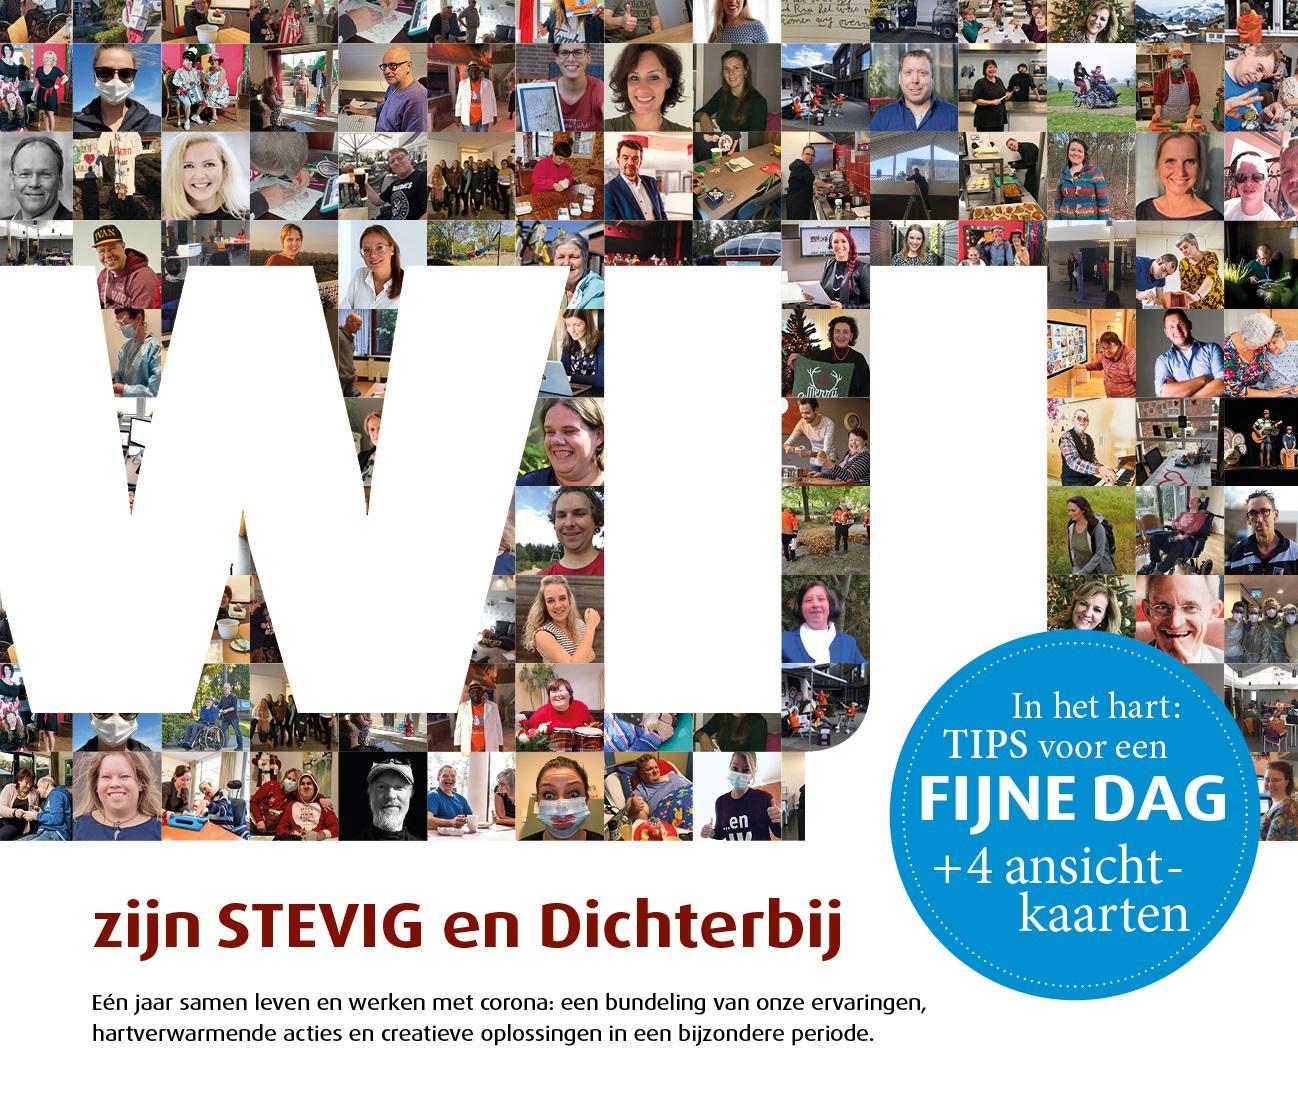 Bekijk WIJ magazine